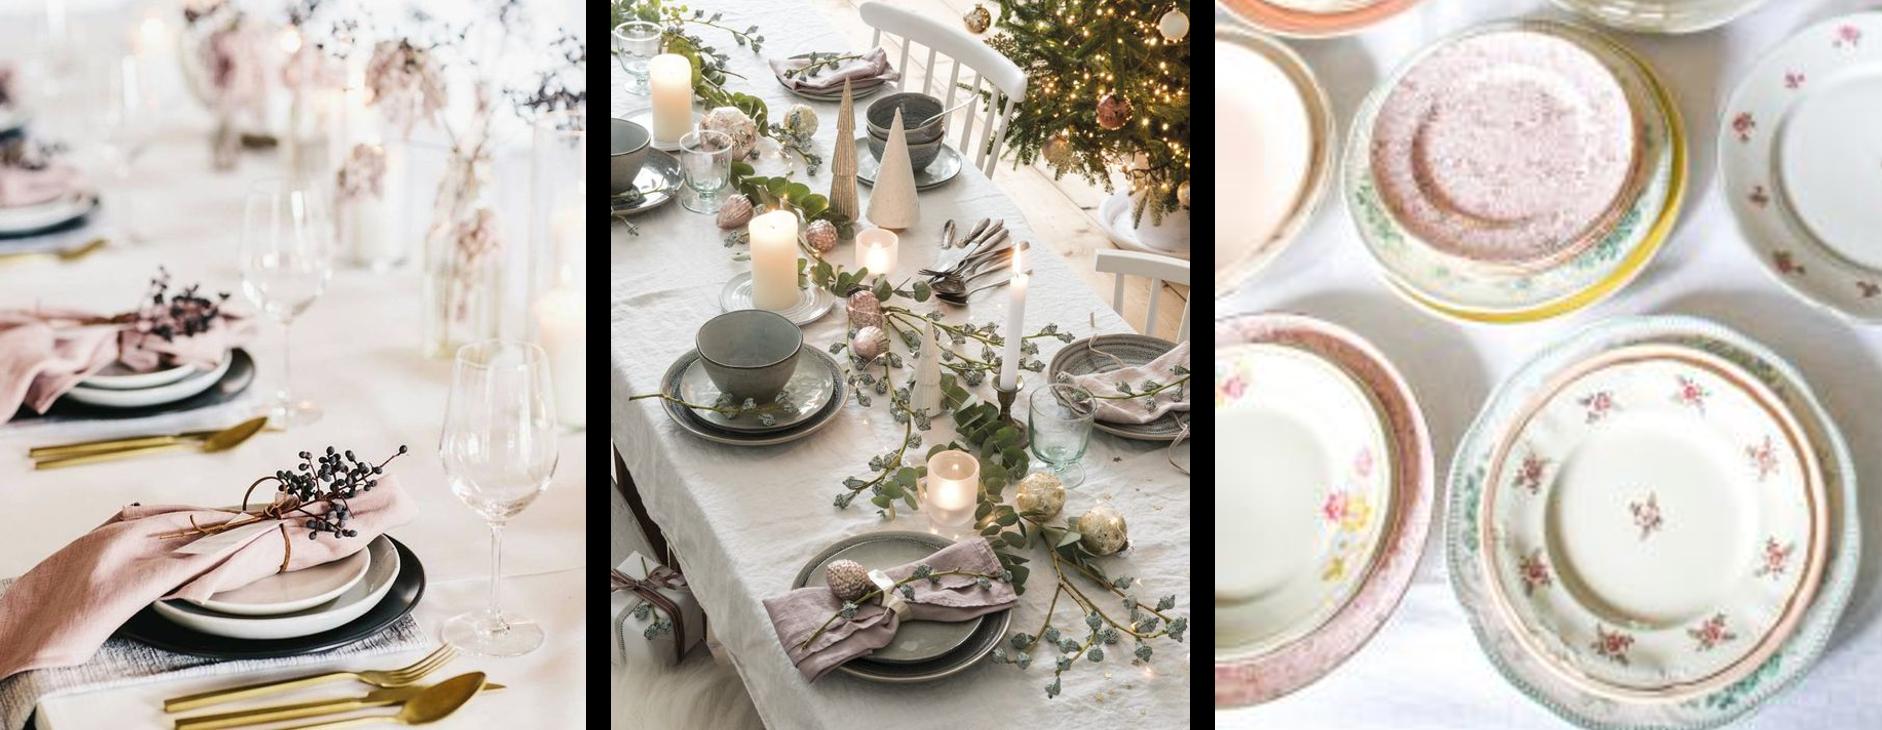 Feesttafel: tips voor het dekken van een feestelijke tafel.